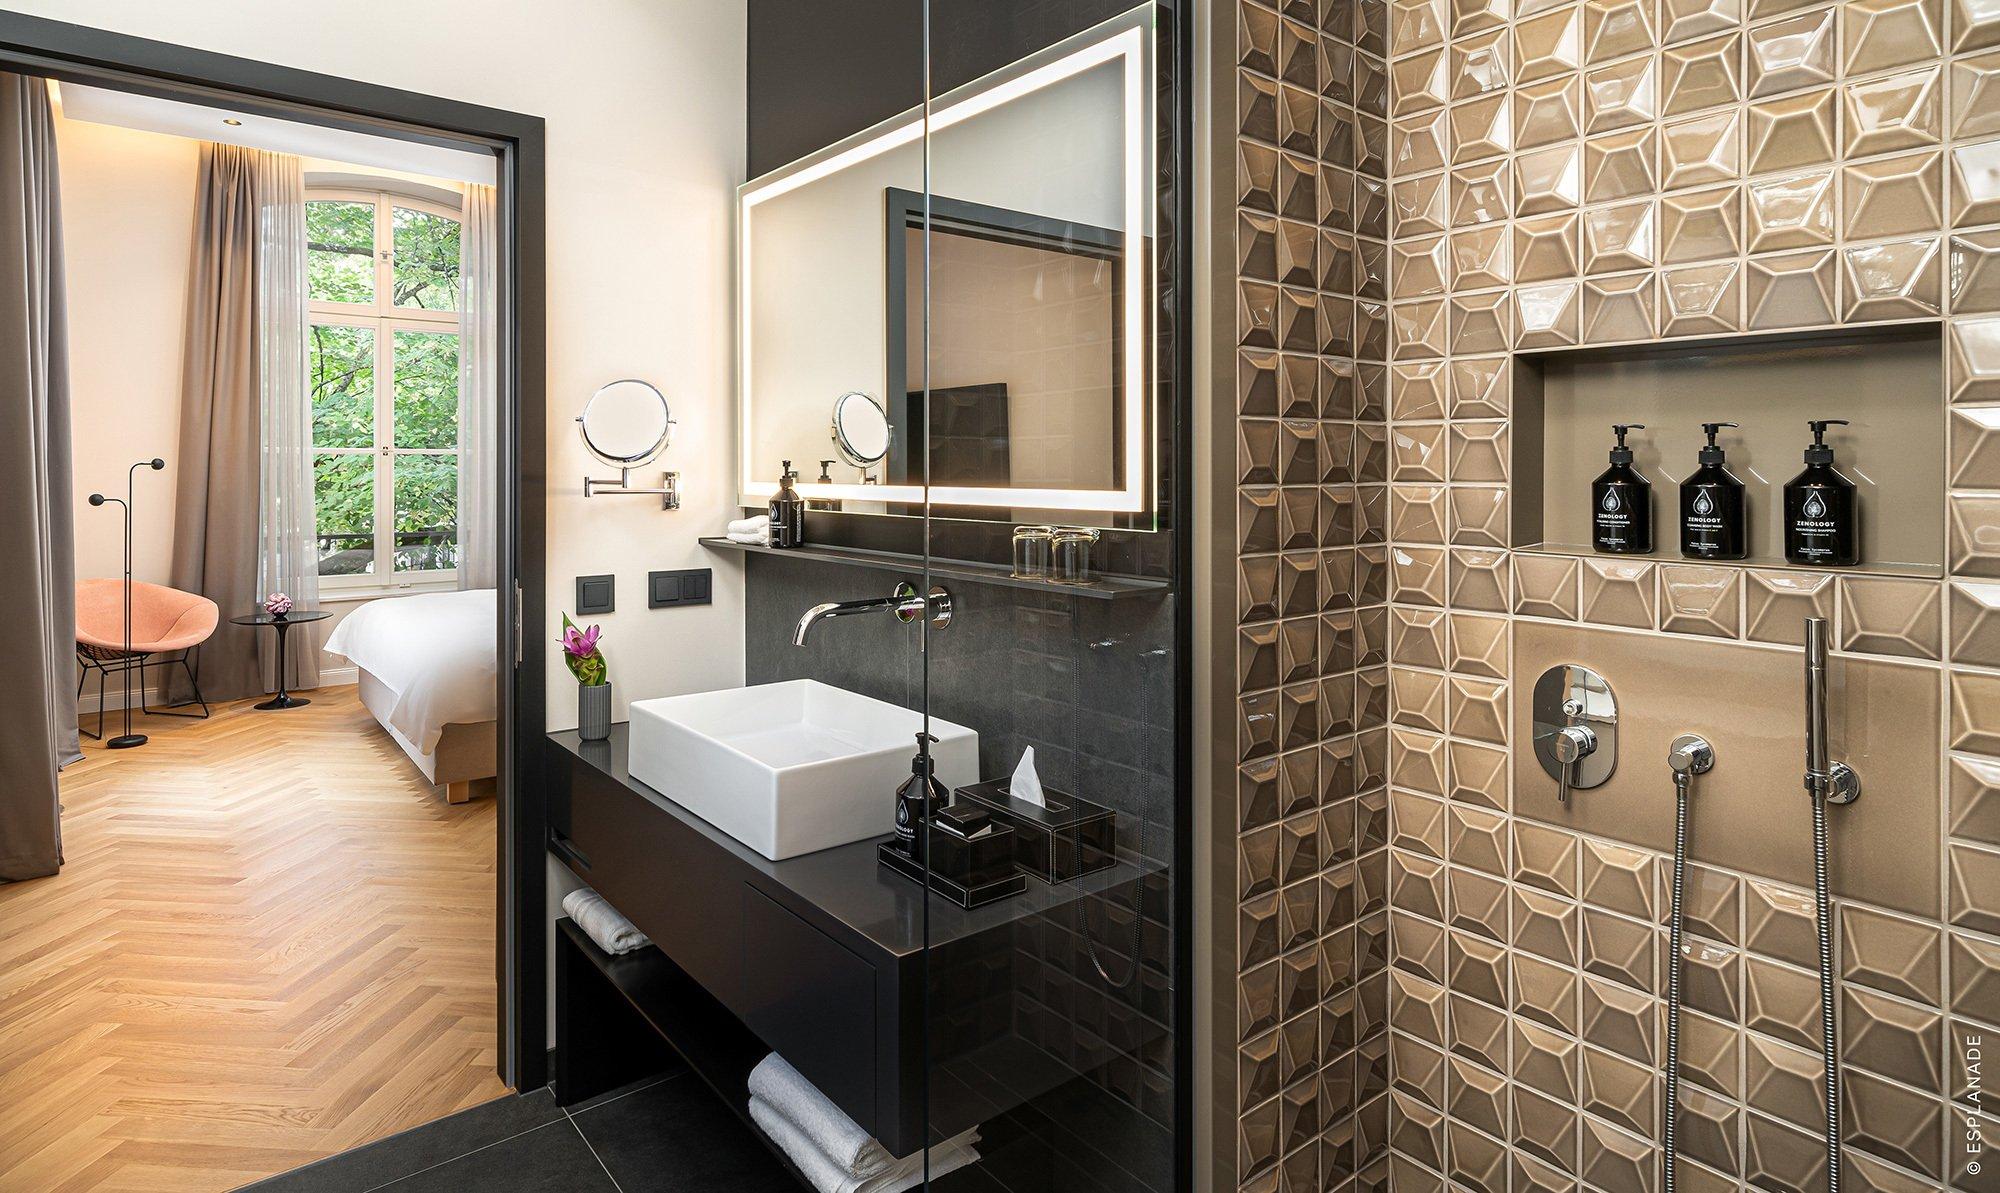 ORO BIANCO TILES für Hotelbadezimmer: Die Form und die Glasur der dreidimensionalen Fliesen wurden nach dem vom Kunden definierten Design entwickelt und hergestellt.